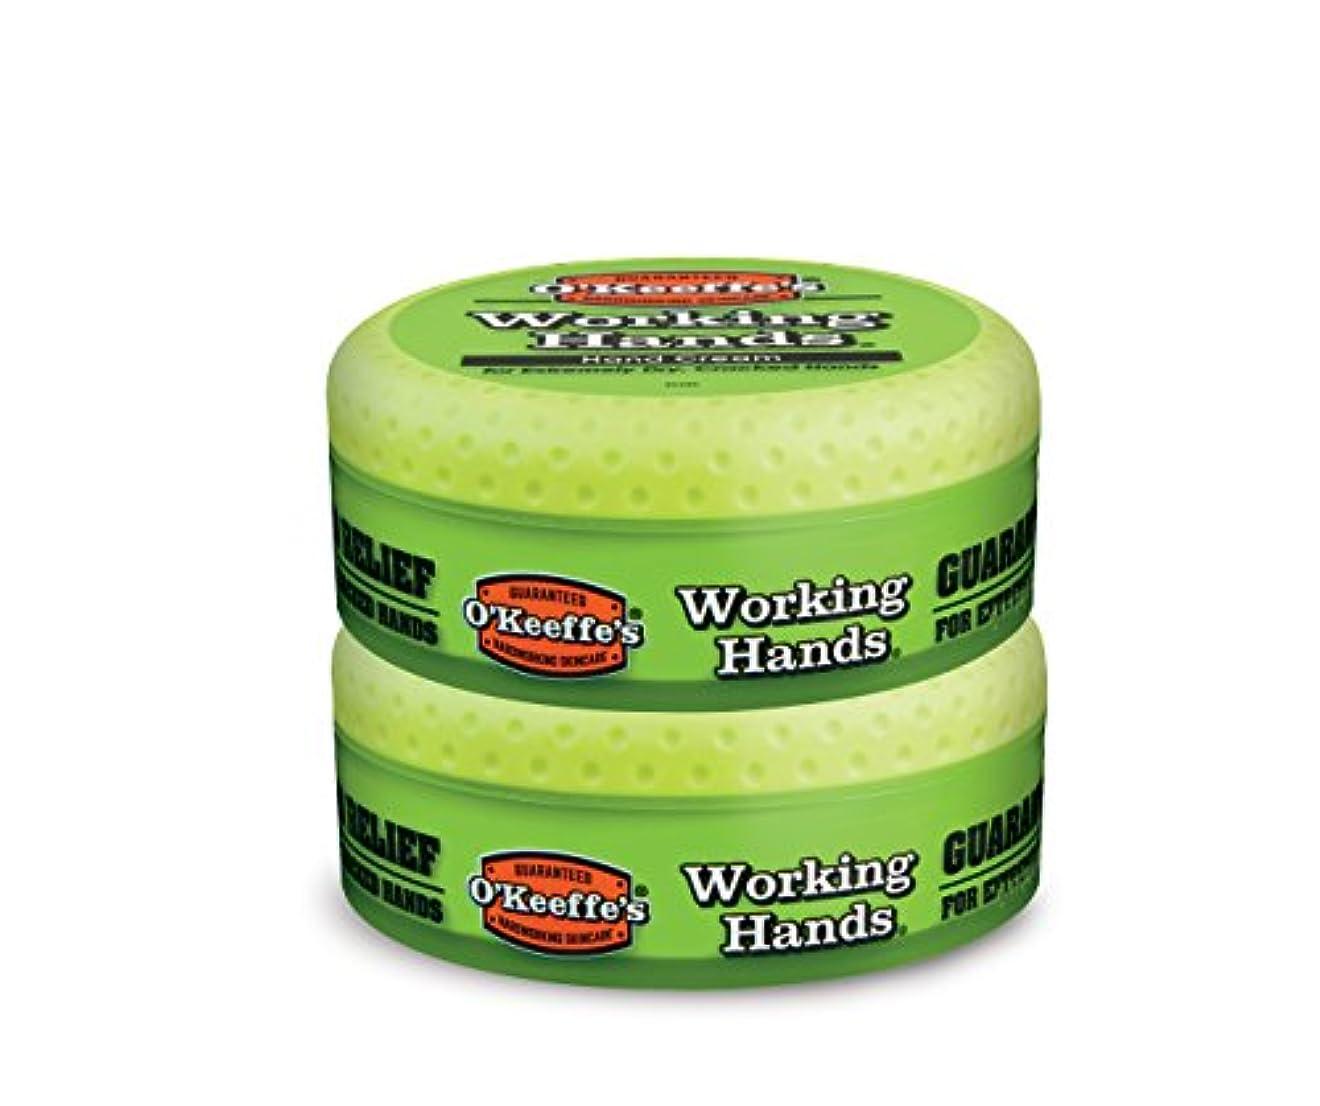 分注するキャプチャーレスリングO ' Keeffe 's Working Hands Hand Cream, 3.4オンス、Jar 2 - Pack 3500 2